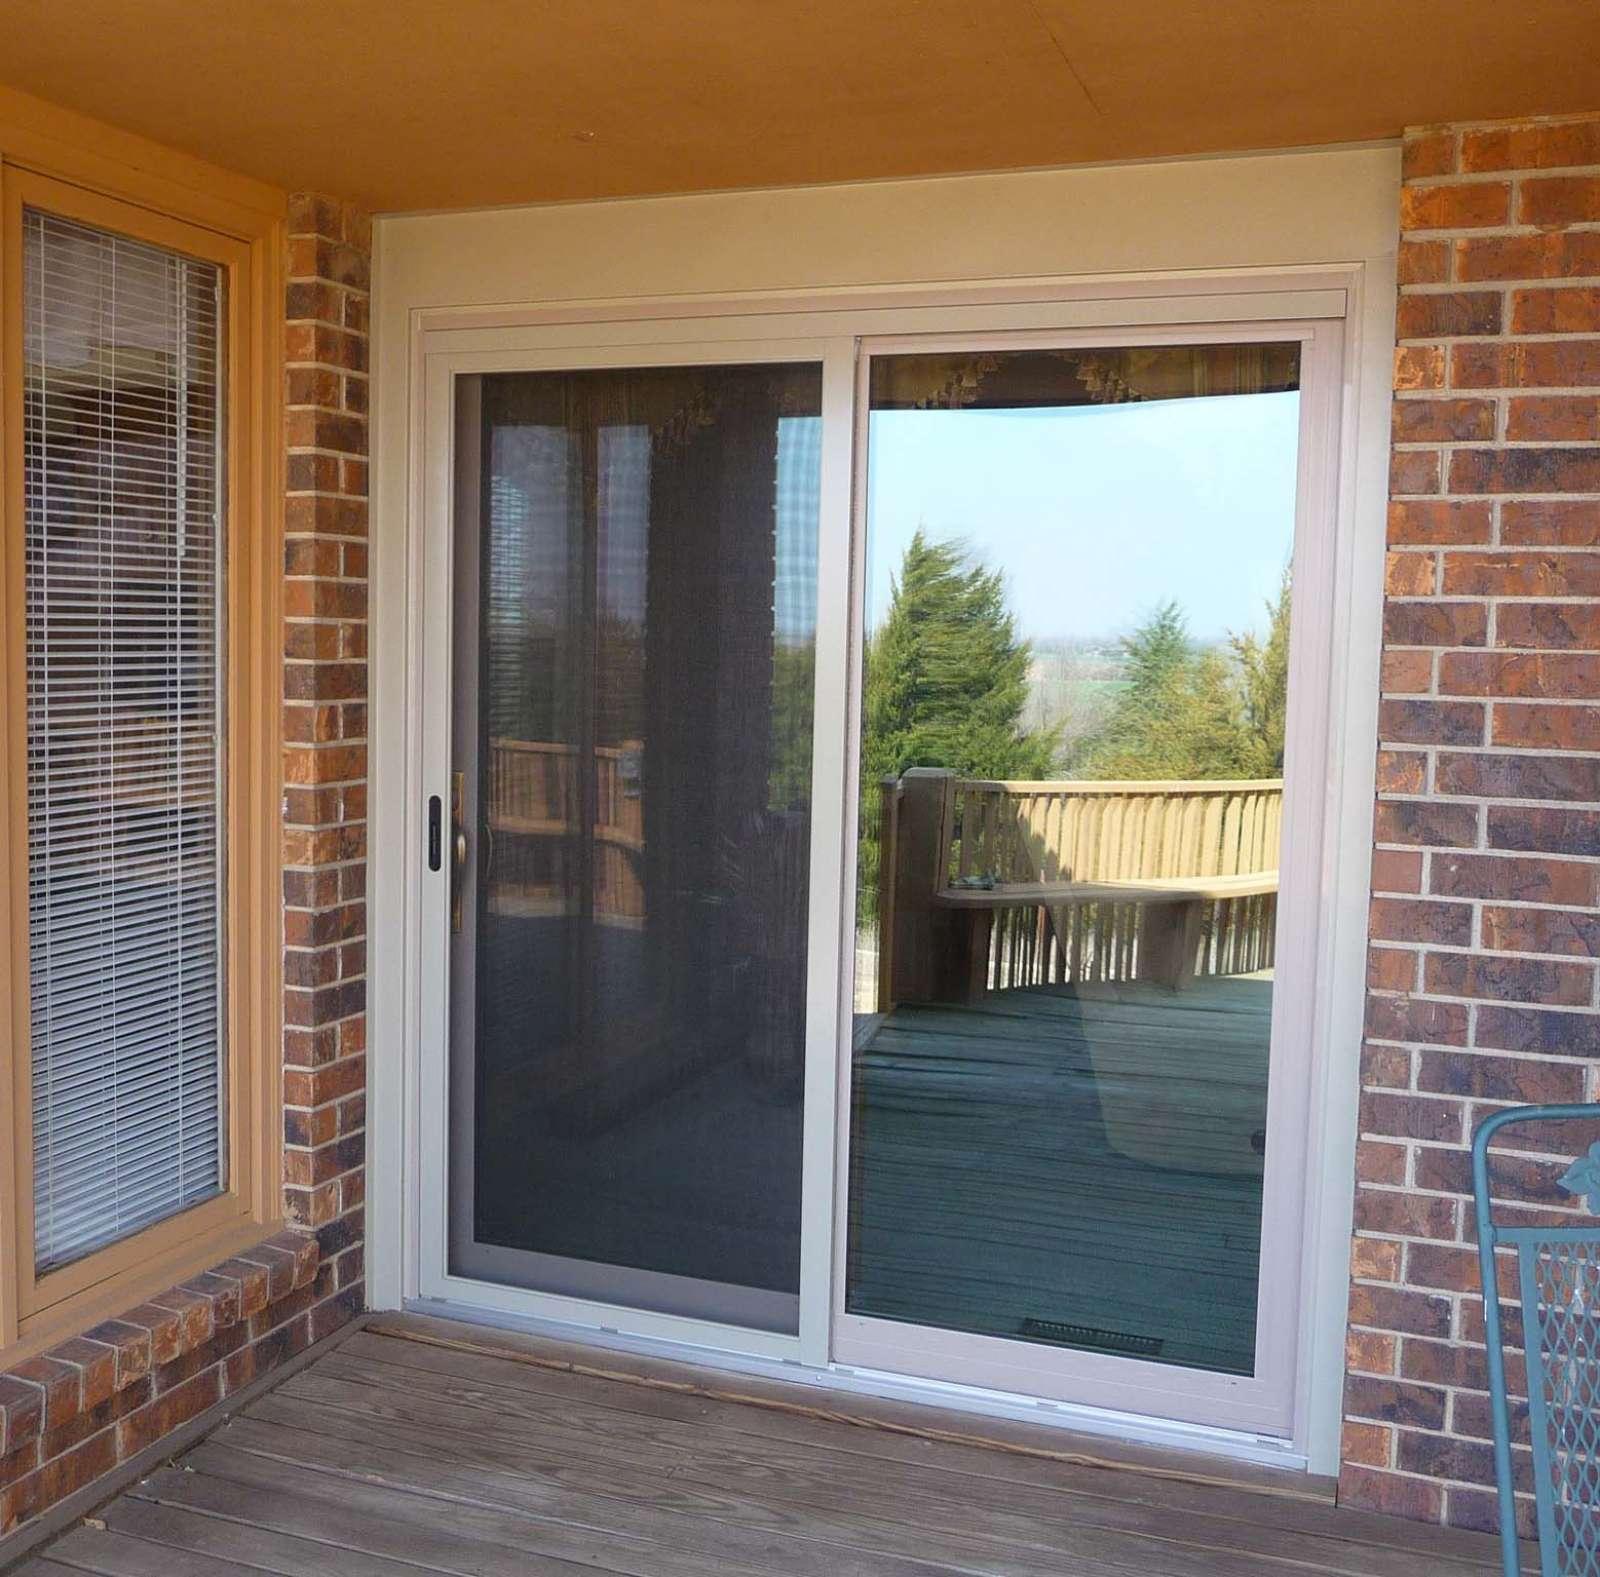 Glass Patio Doors: Sliding Patio Doors